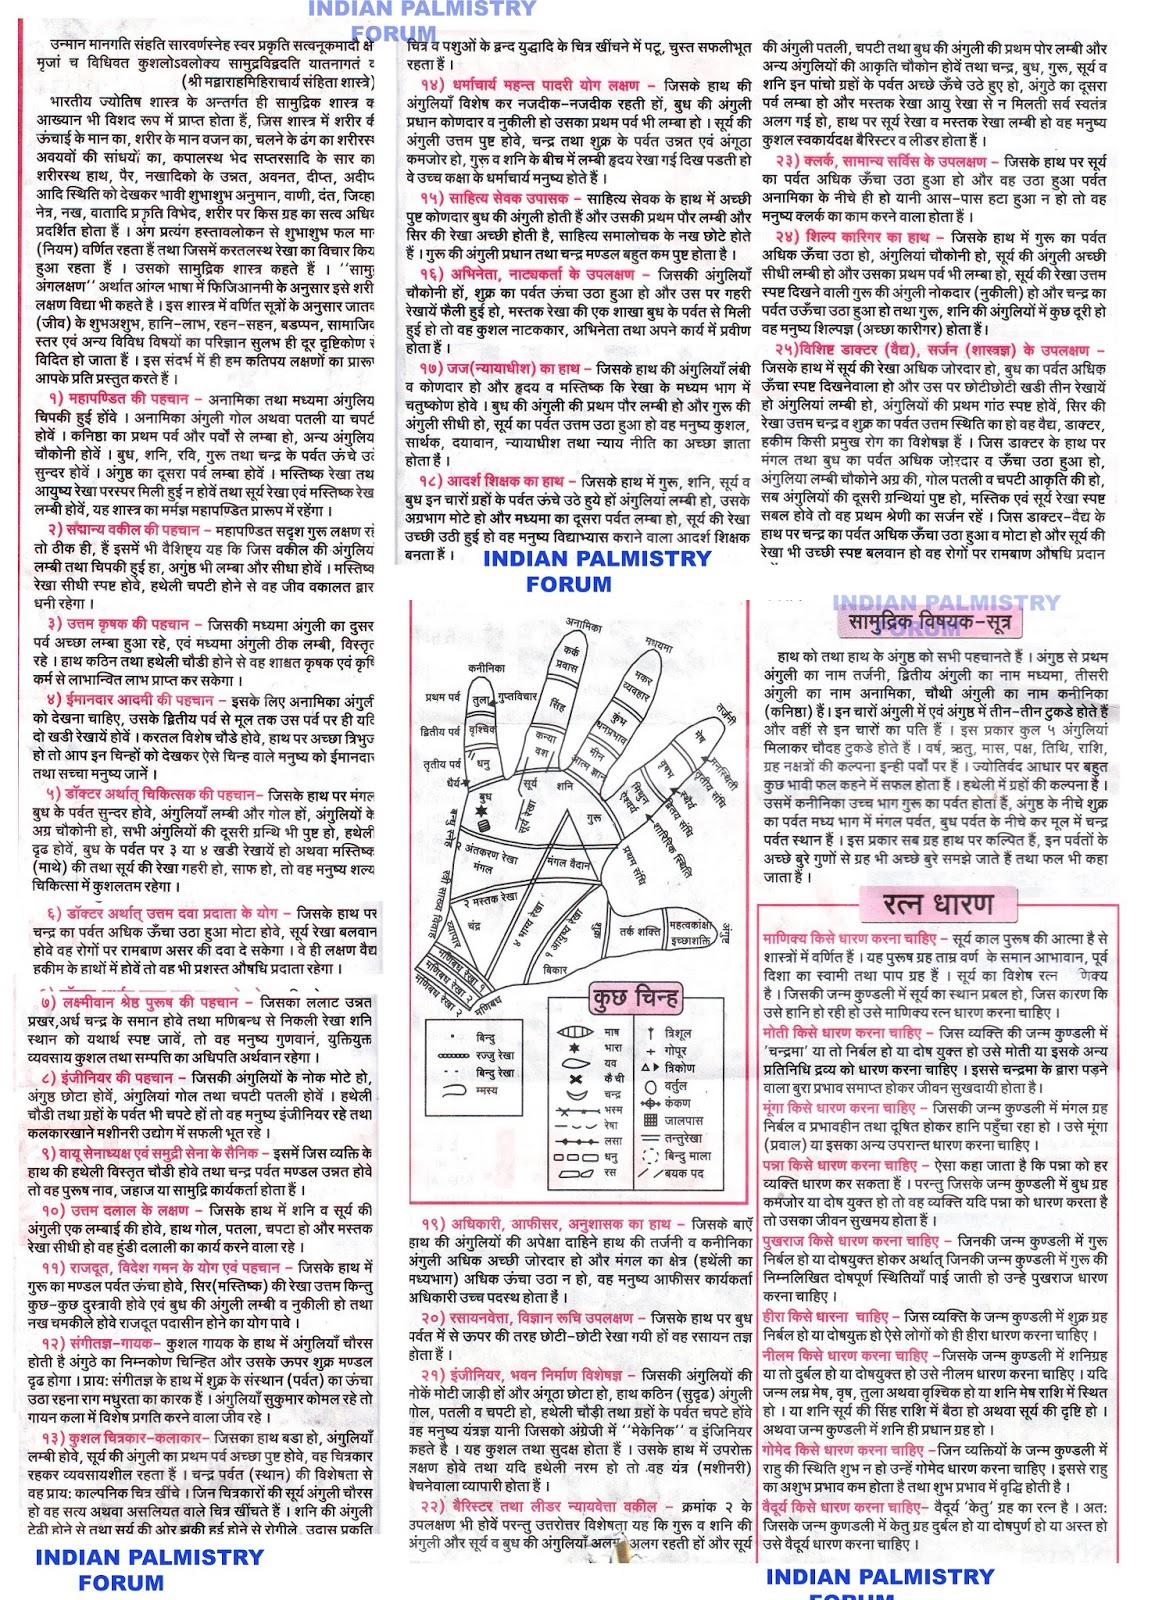 Indian palm reading astrology 08012014 09012014 hast rekha shastra bhartiya vedic hastrekha fandeluxe Images